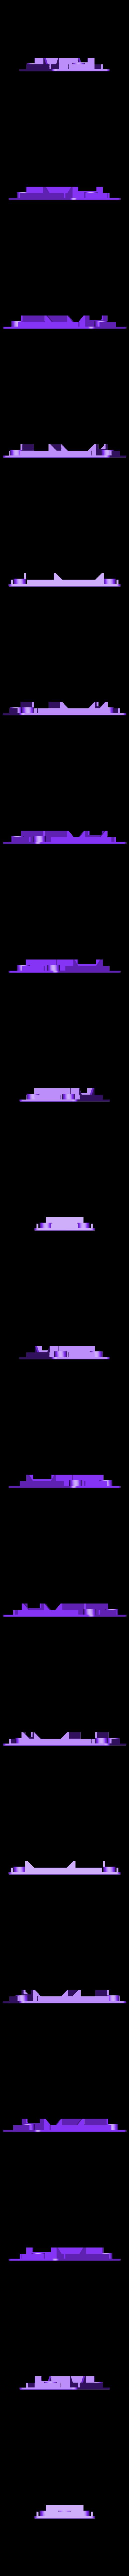 PO_Case_REAR2.STL Télécharger fichier STL gratuit Teenage Engineering PO-12 étui avec clés • Objet imprimable en 3D, Palemar